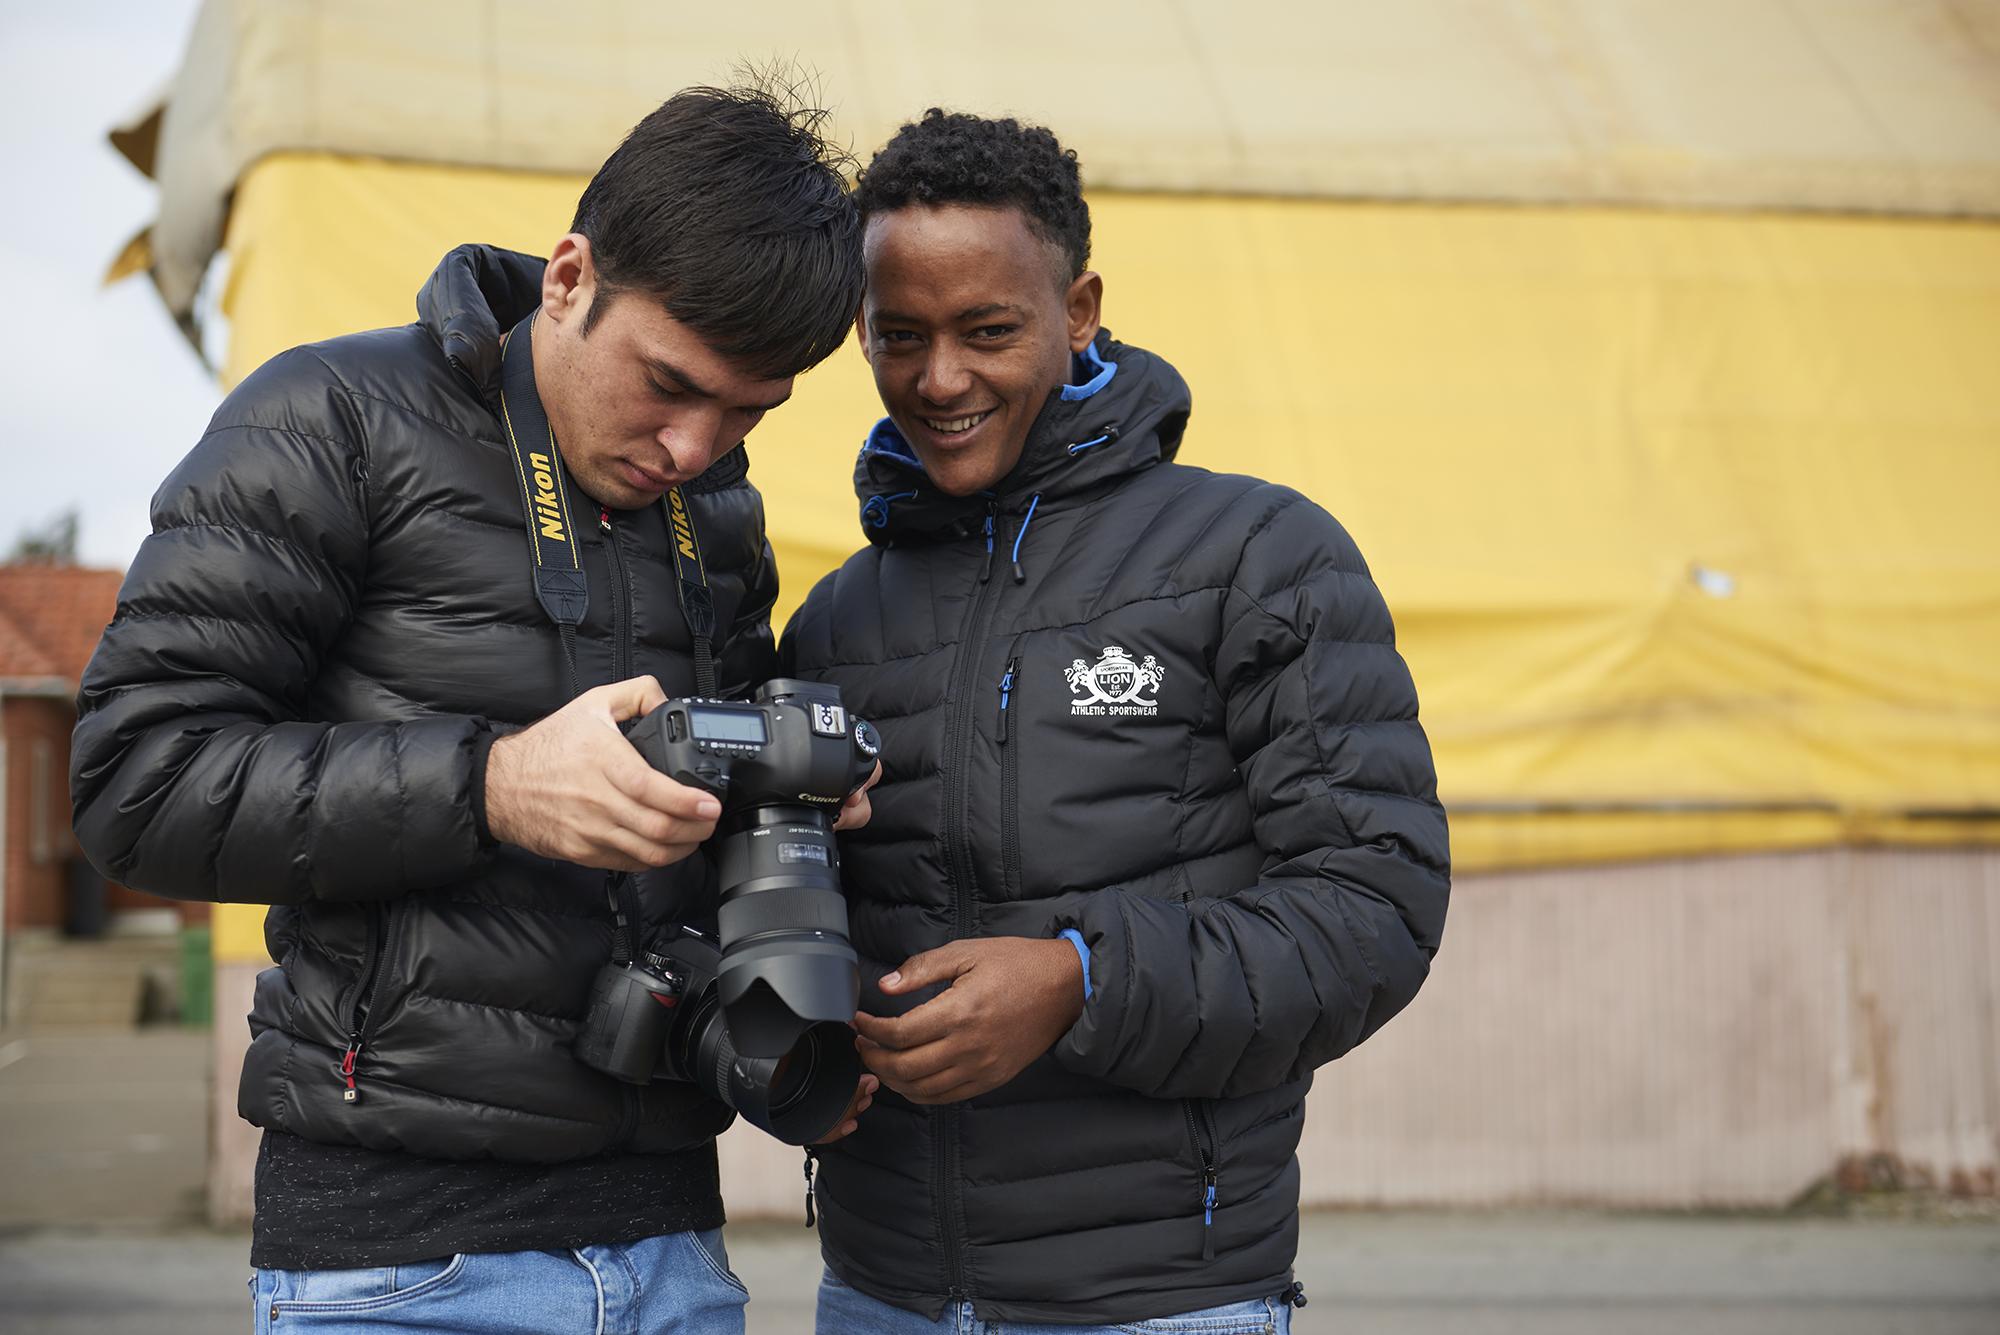 SØBY_Behind the scenes017.jpg